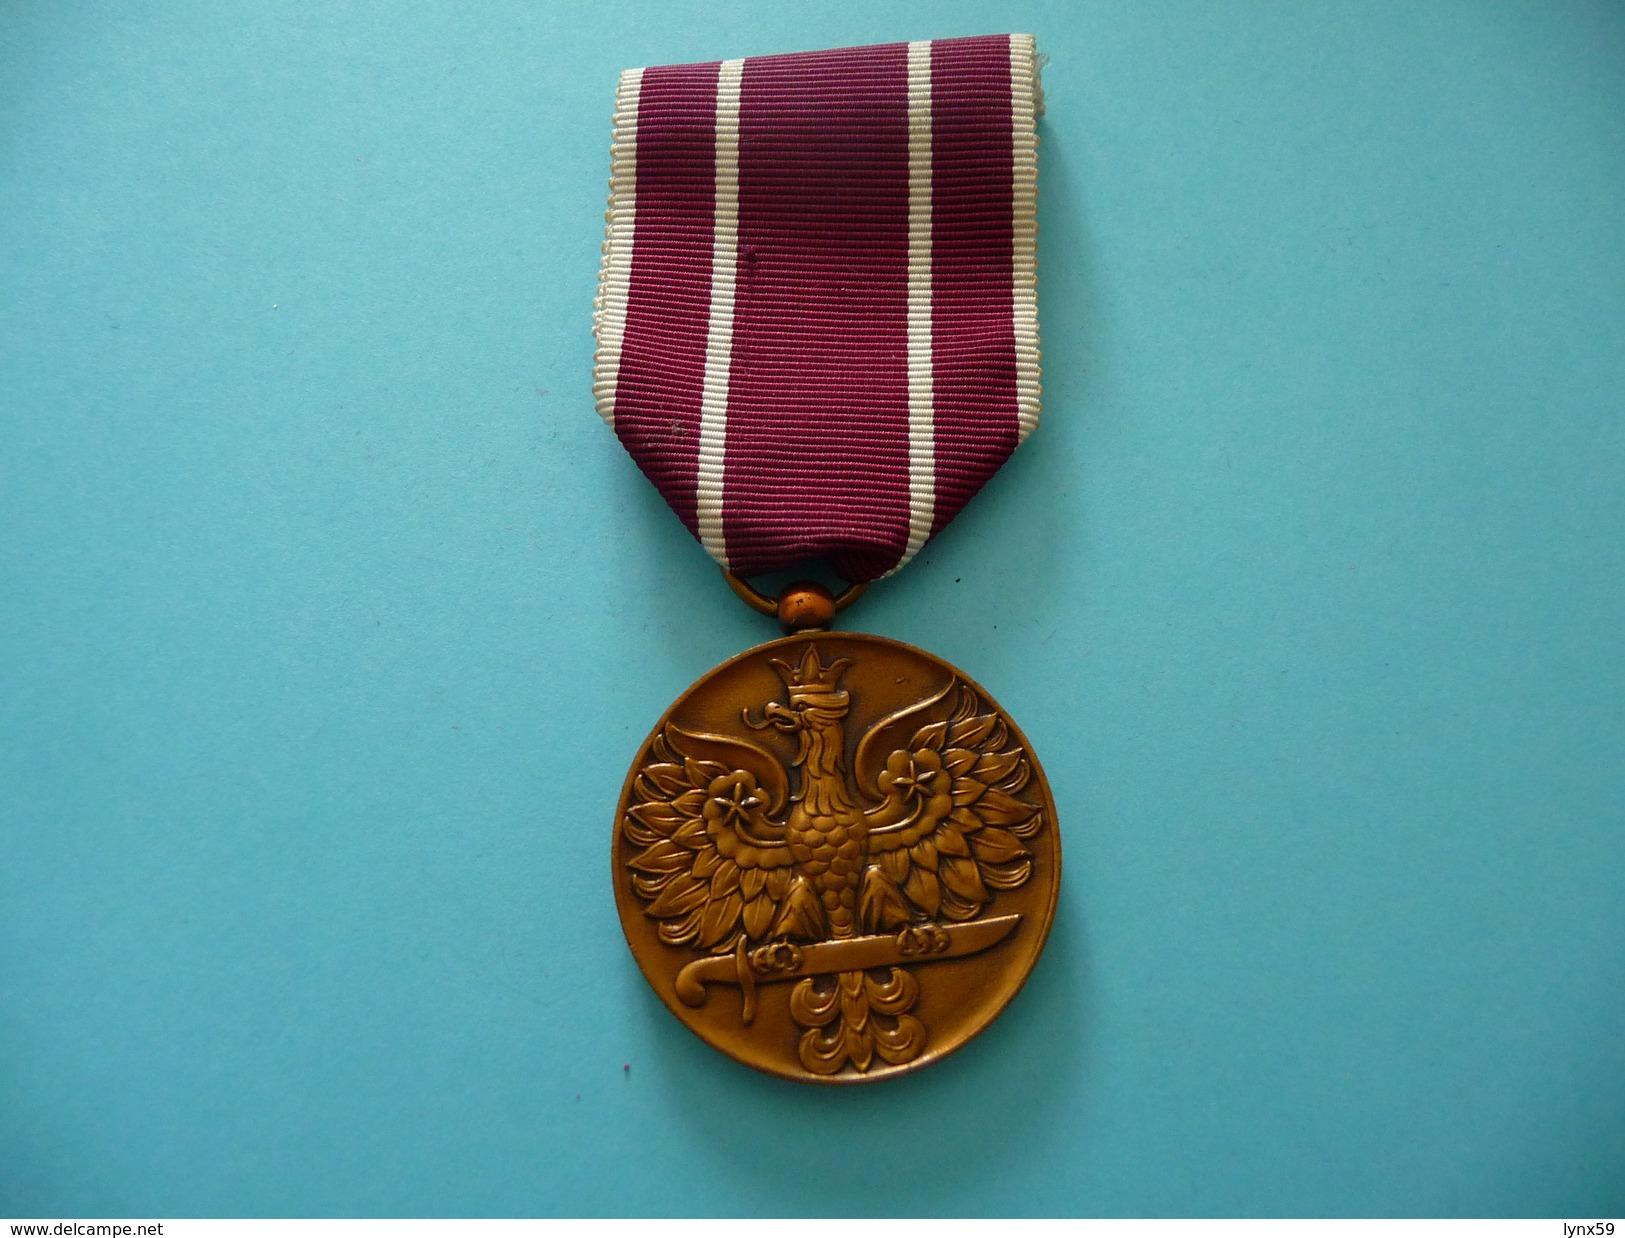 Médaille Polonaise Des Combattants 1939 1945 - Médailles & Décorations